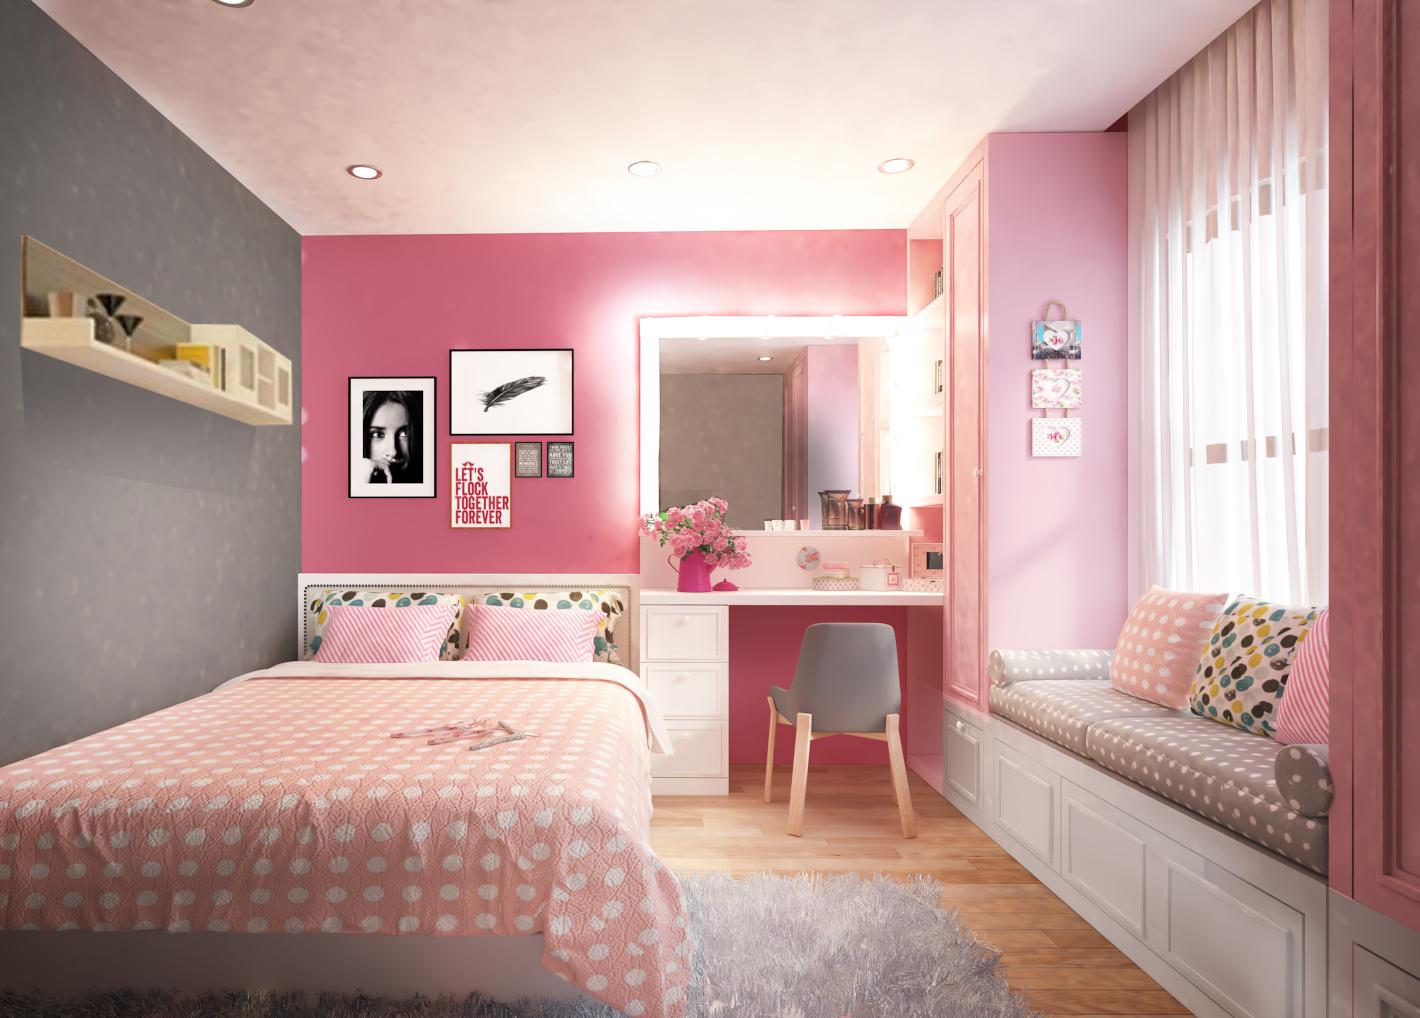 Trang trí bằng những khung ảnh đơn giản, bắt mắt - thiết kế nội thất phòng ngủ